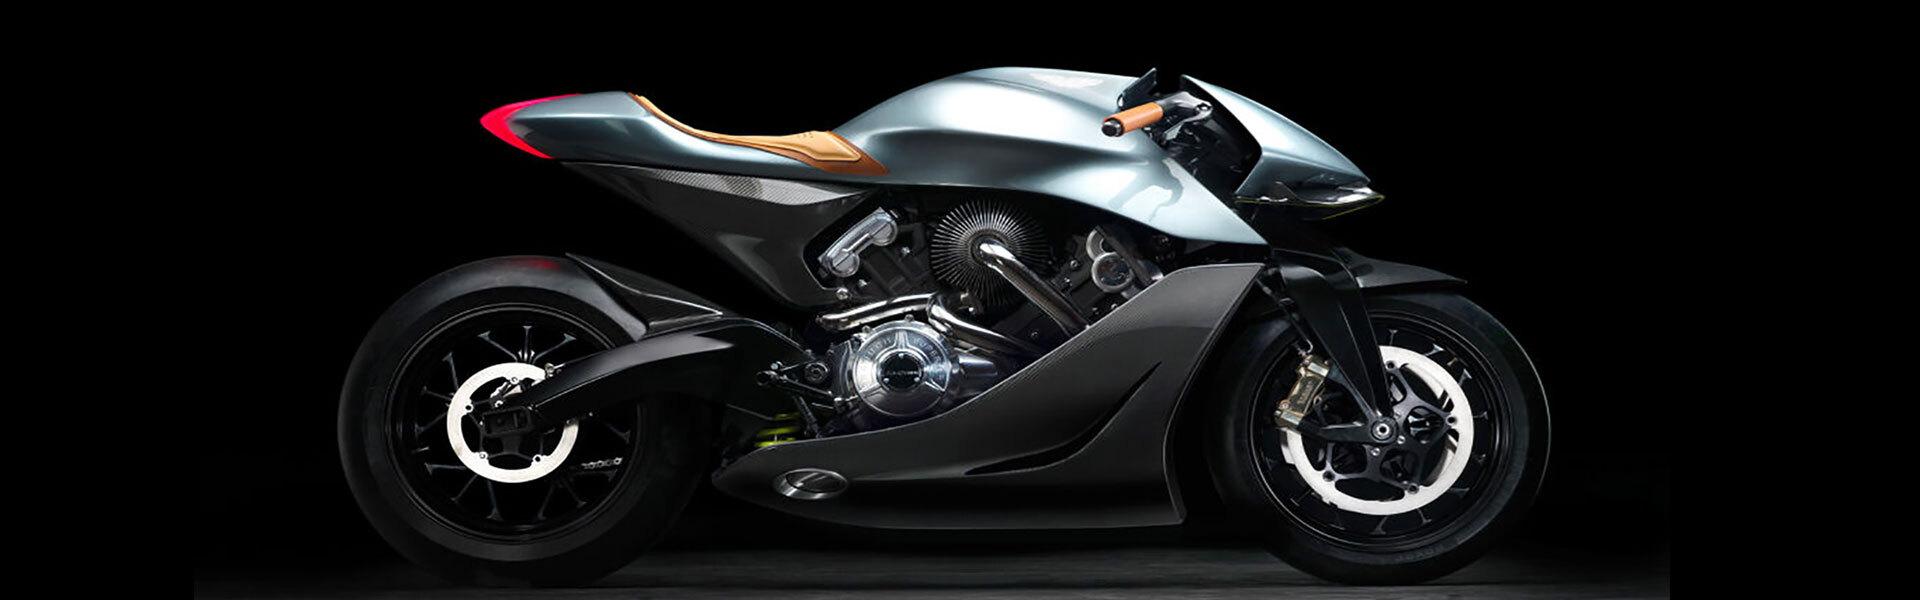 快速成型   KSCAN助力解决德国摩托车个性化定制改装痛点